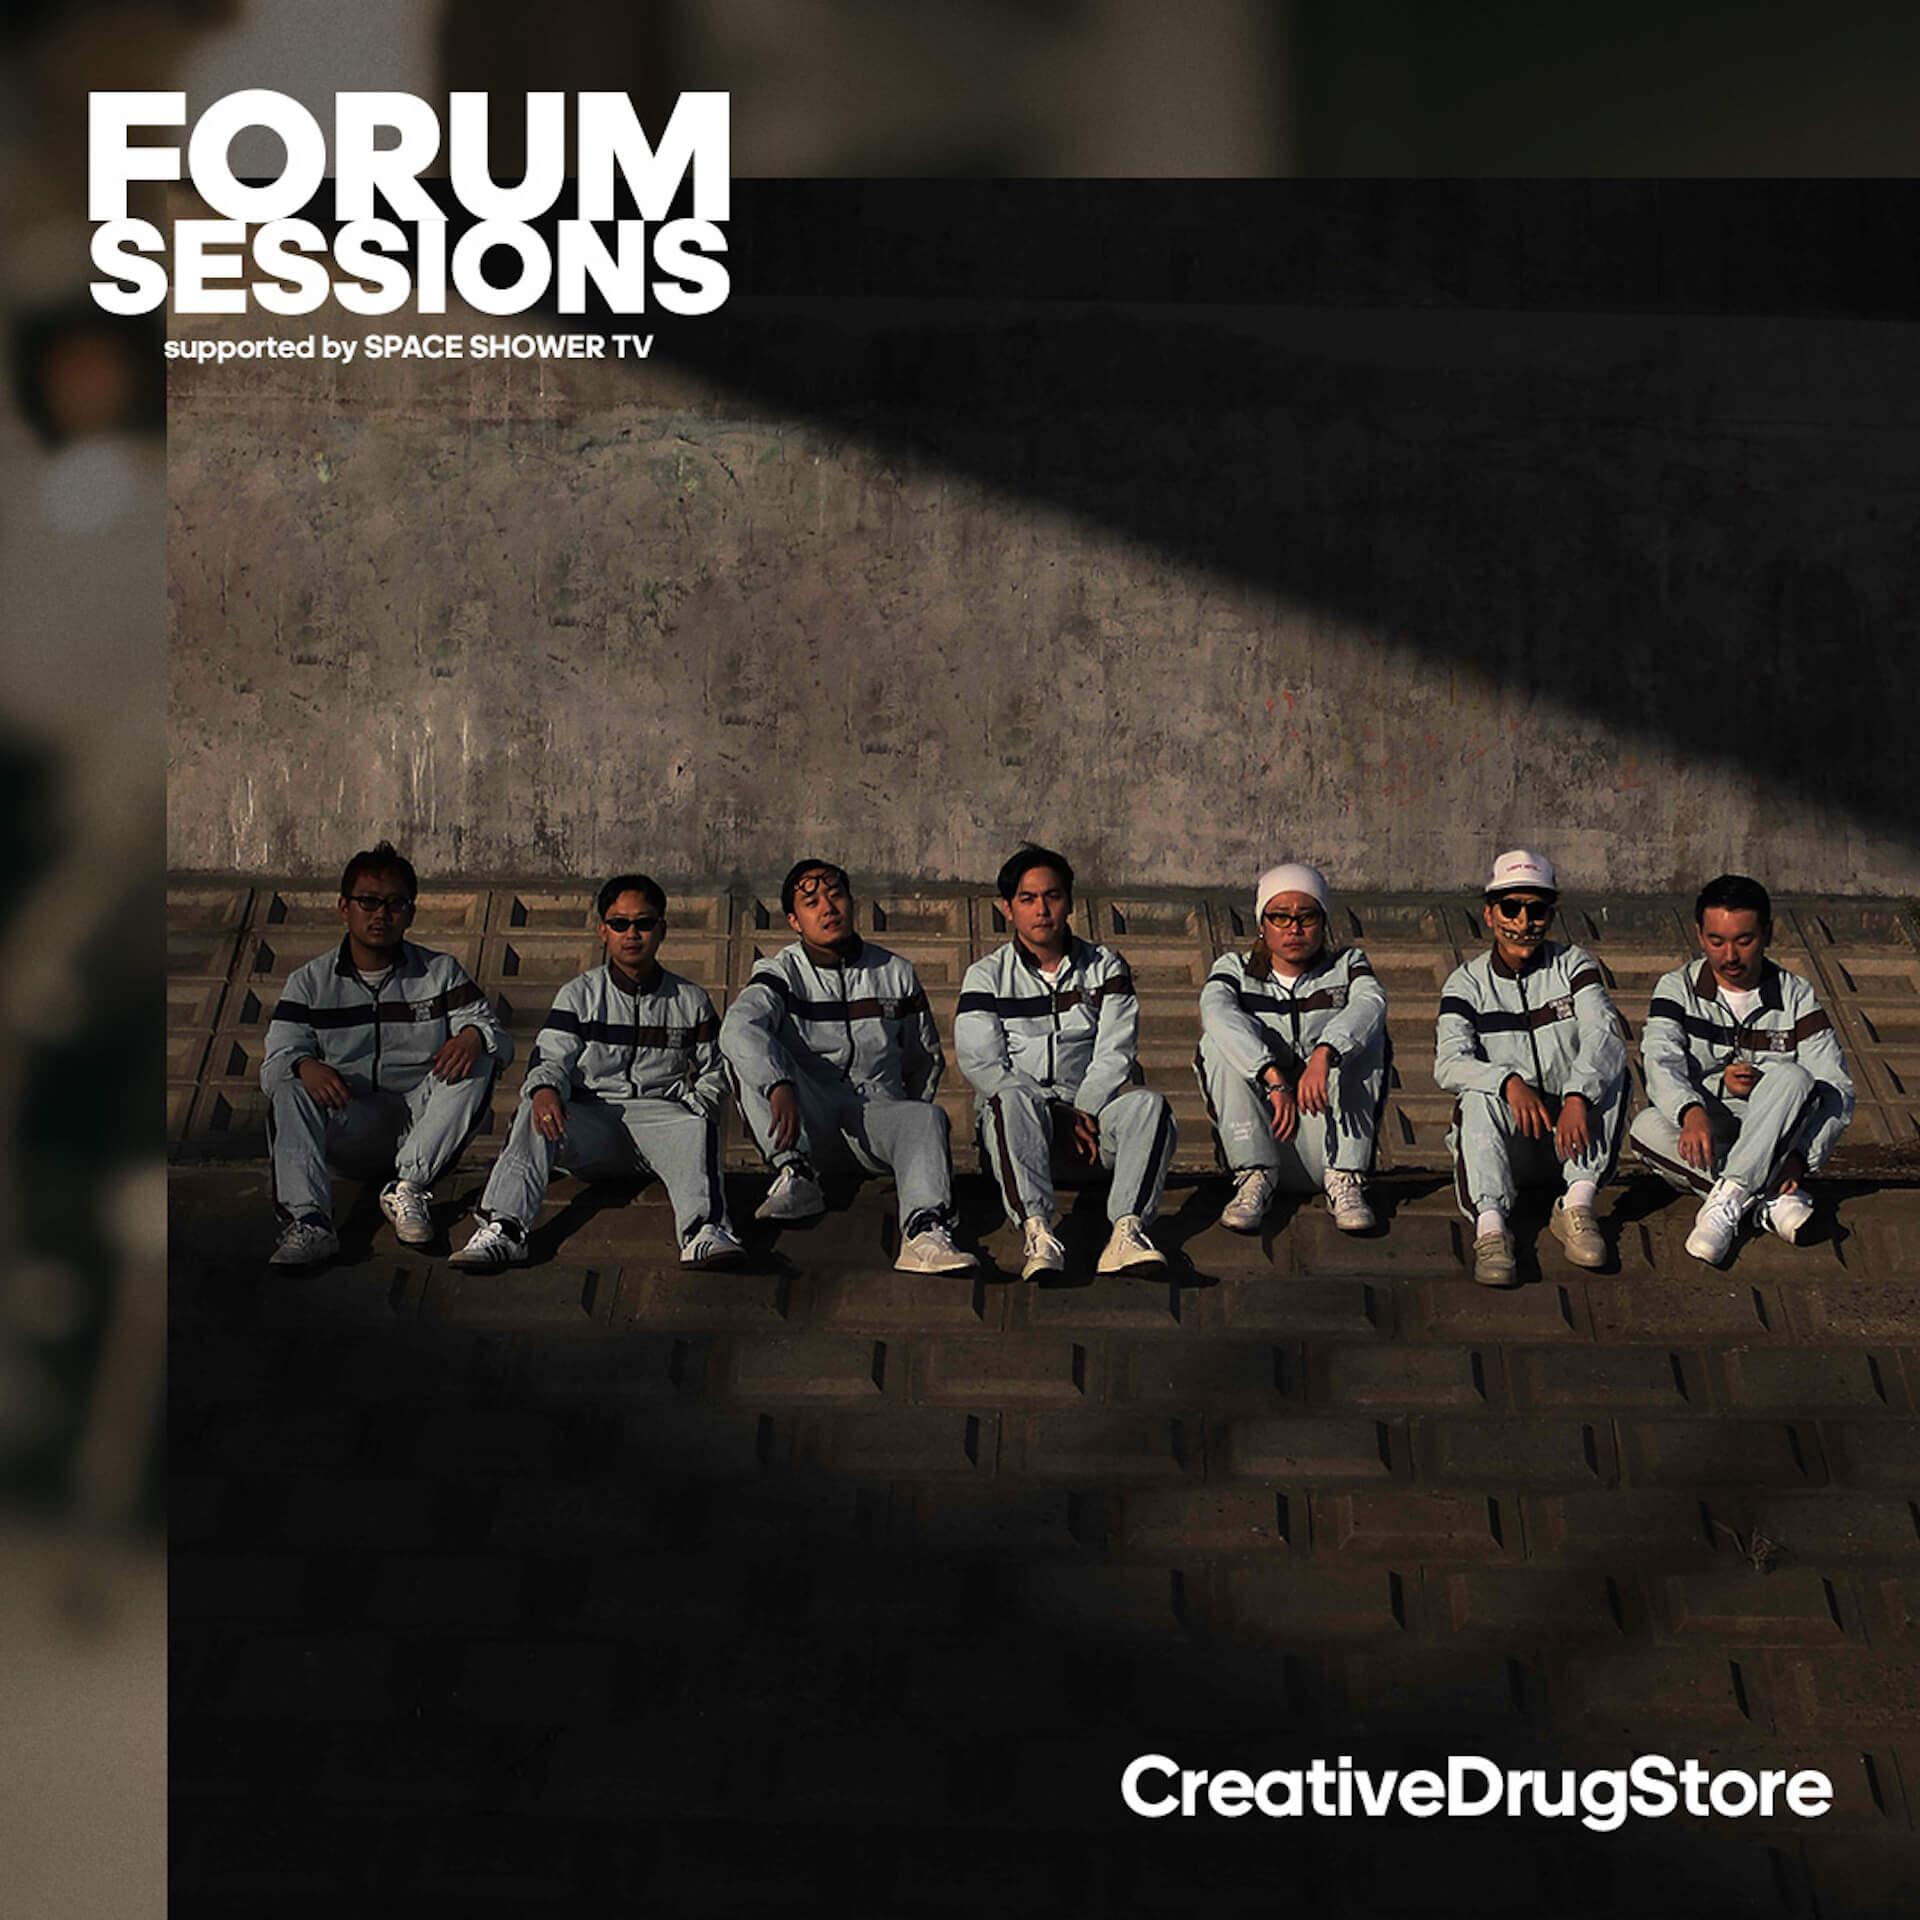 adidas Originals『FORUM』の新プログラム<FORUM SESSIONS>が開催決定!CreativeDrugStoreら3組が登場 life210727_adidasforum_live_2